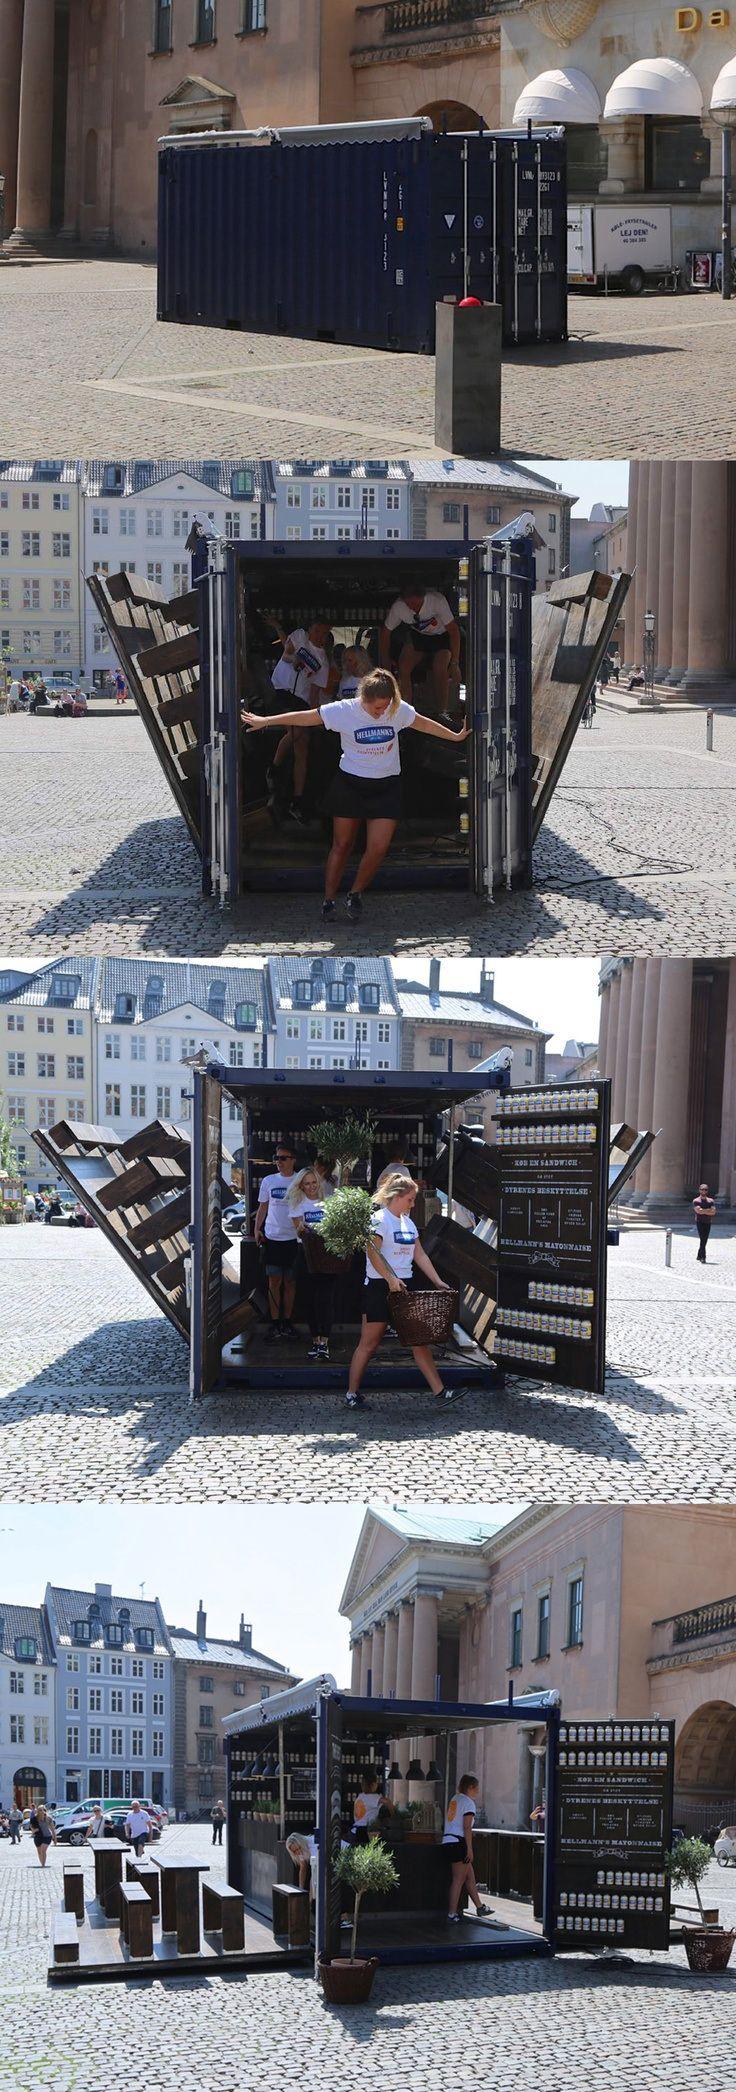 Campanha Hellmann's com container na Dinamarca